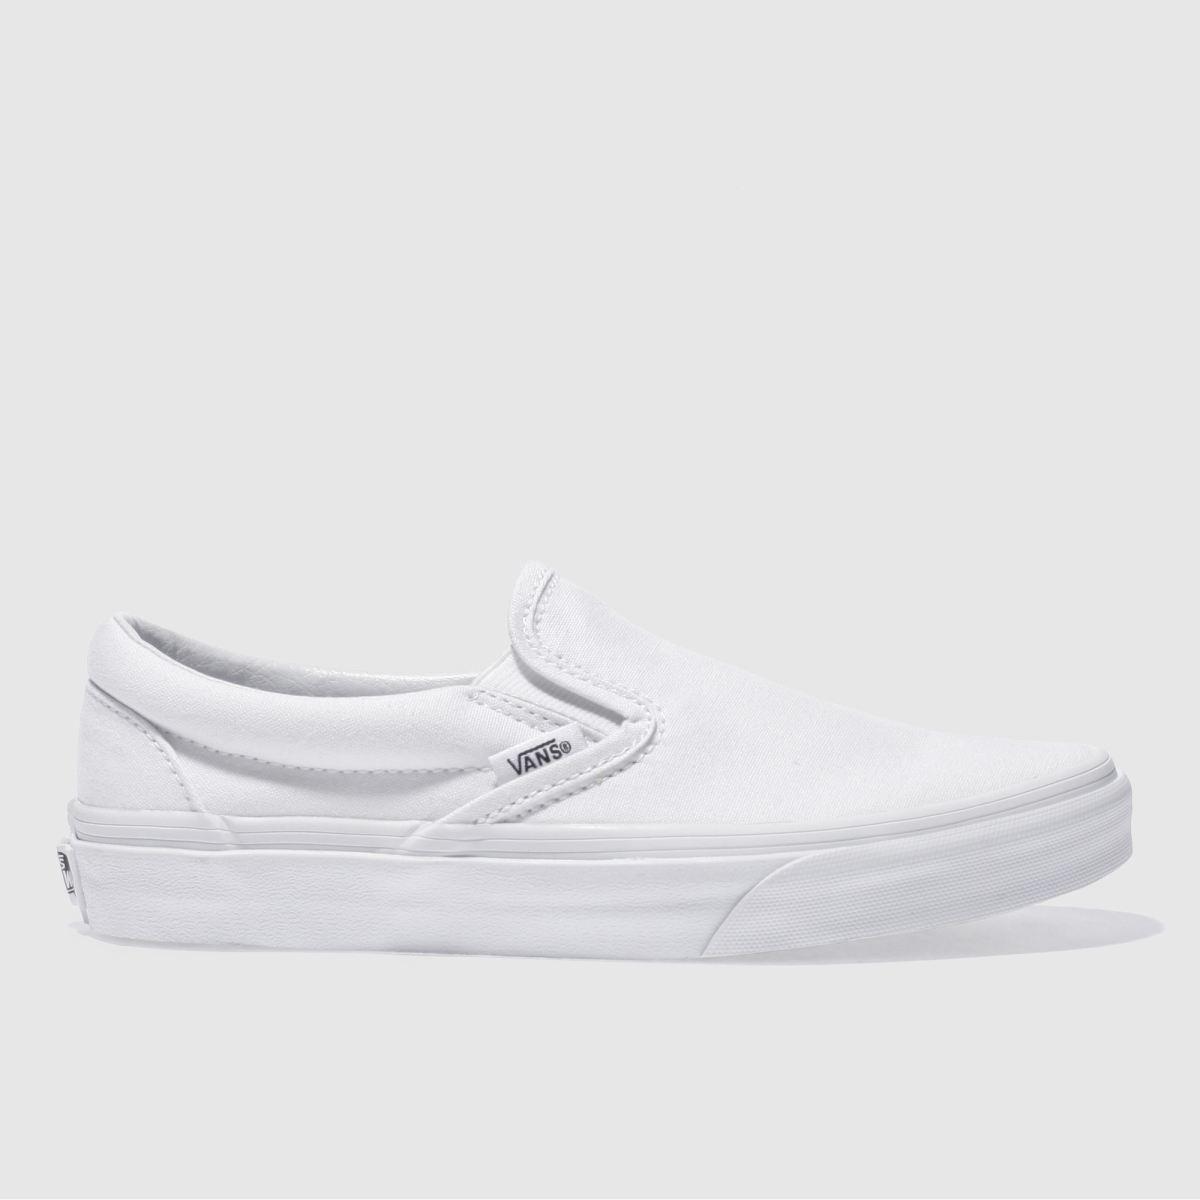 vans white classic slip trainers